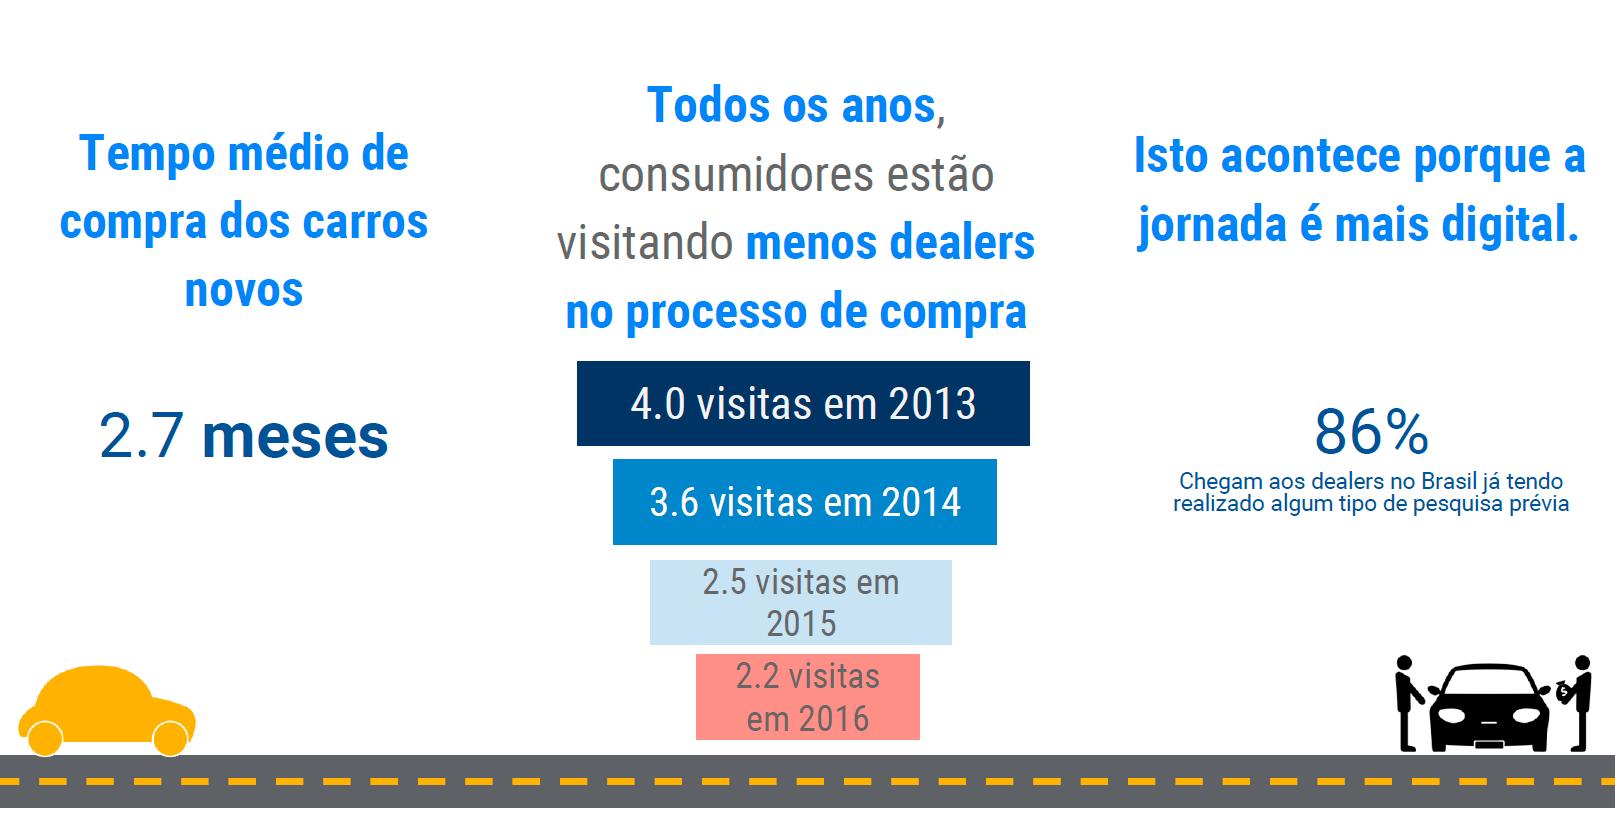 test drive na era digital dados do google visita às concessionárias